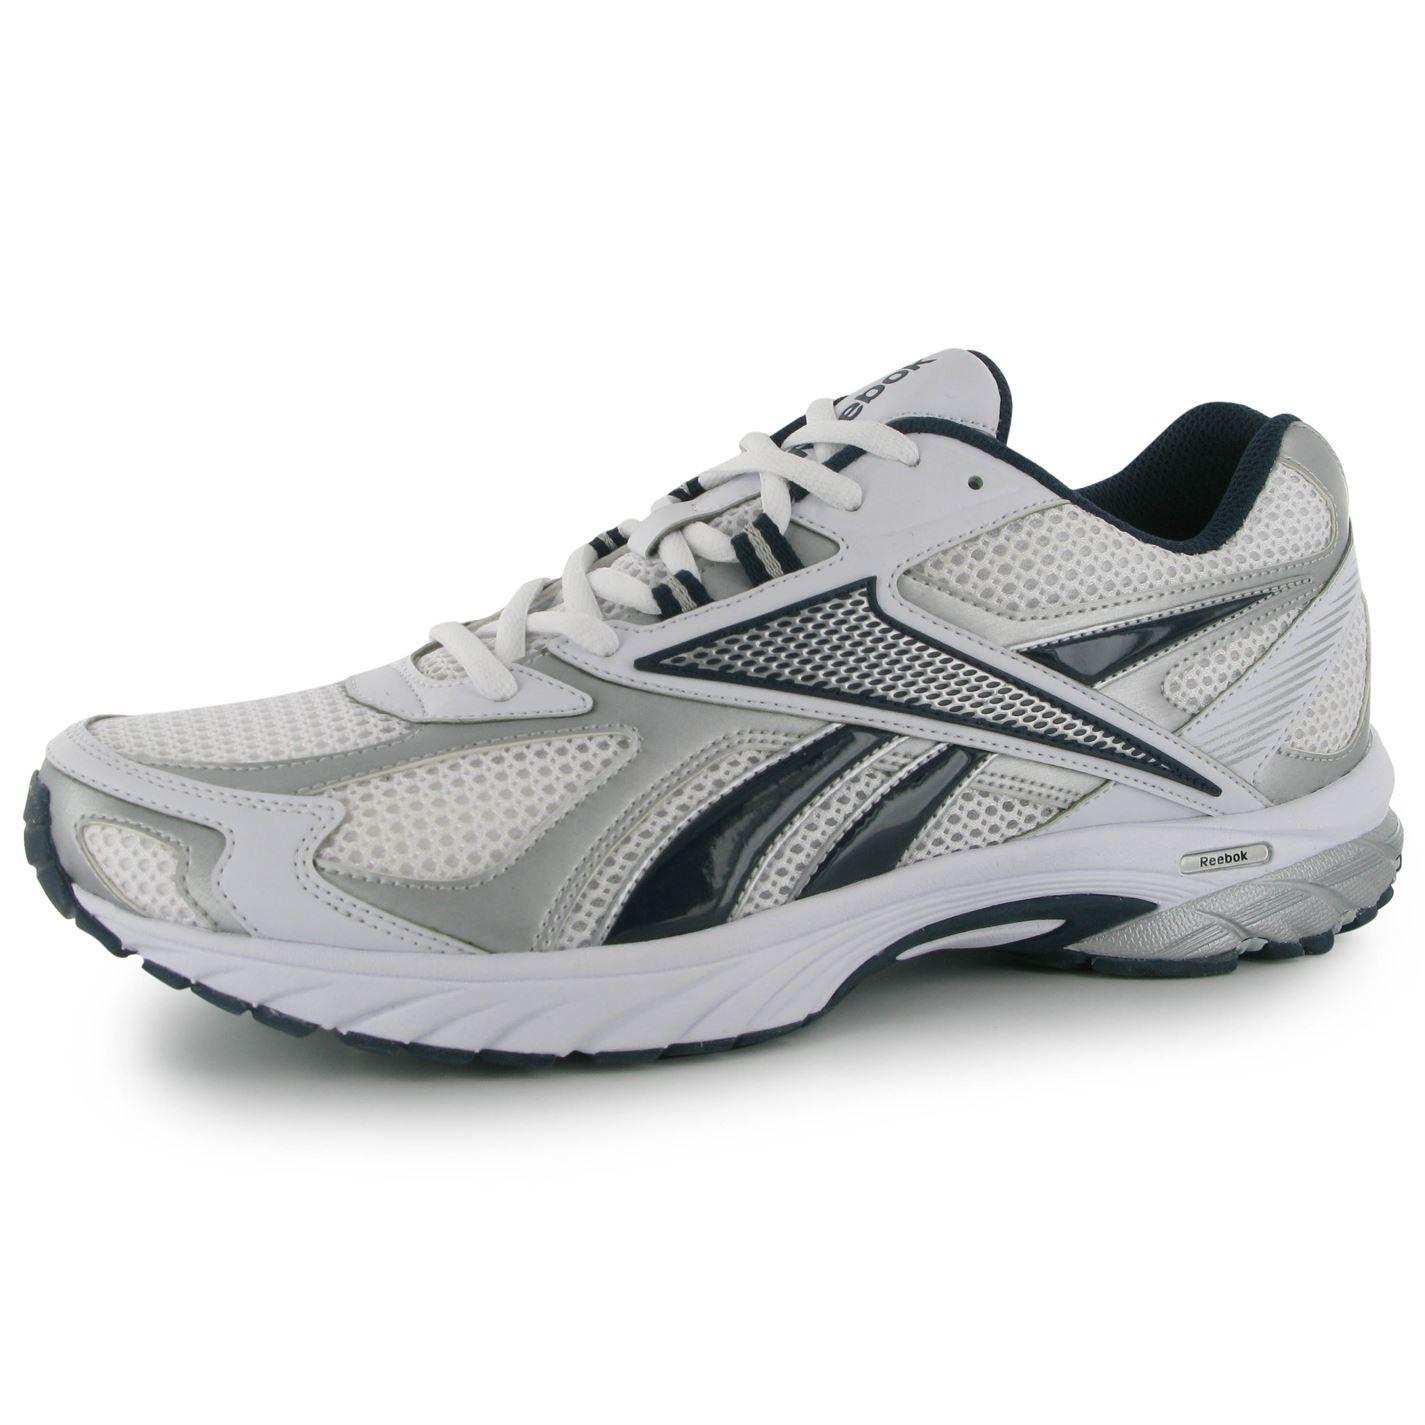 Reebok | Reebok Pheehan Mens Running Shoes |